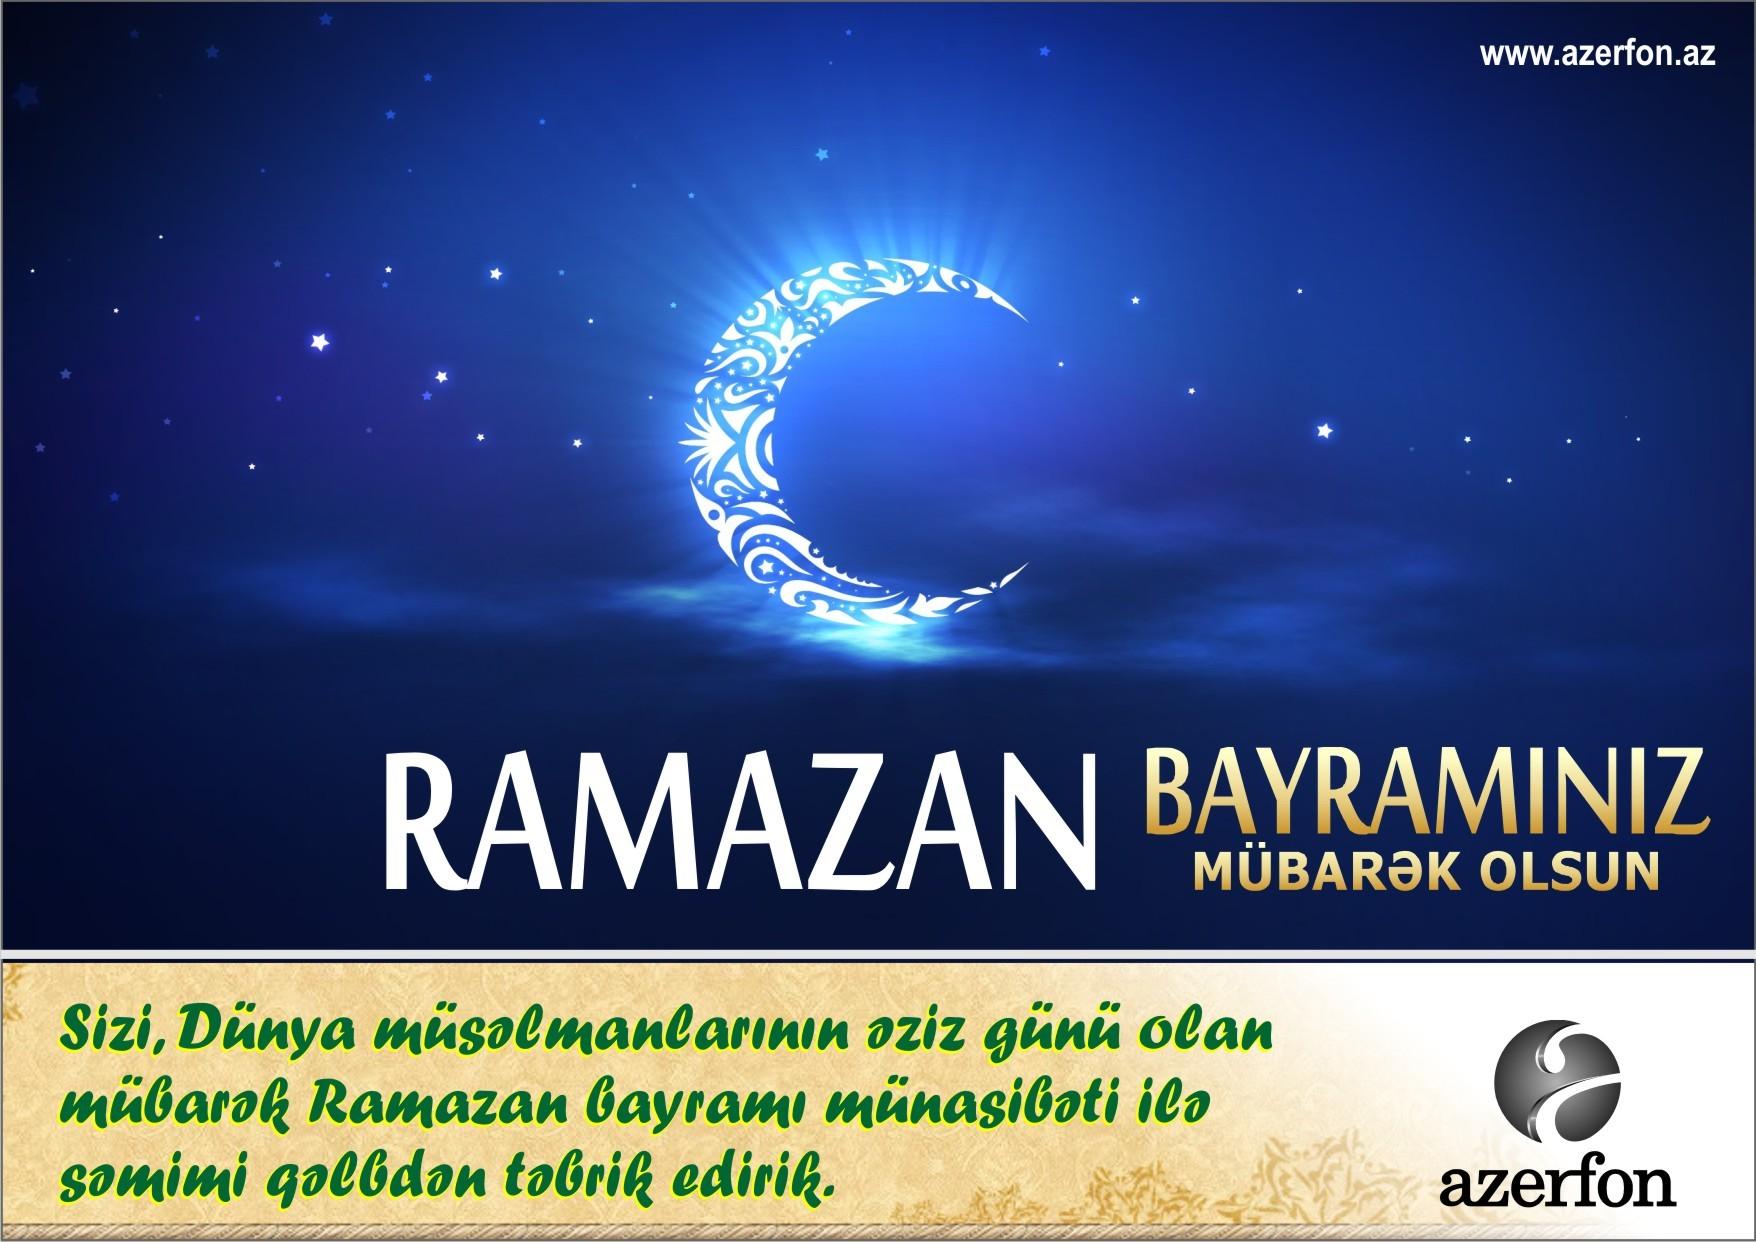 Azerfon şirkəti  Ramazan Bayramı münasibətilə xalqımızı təbrik edir